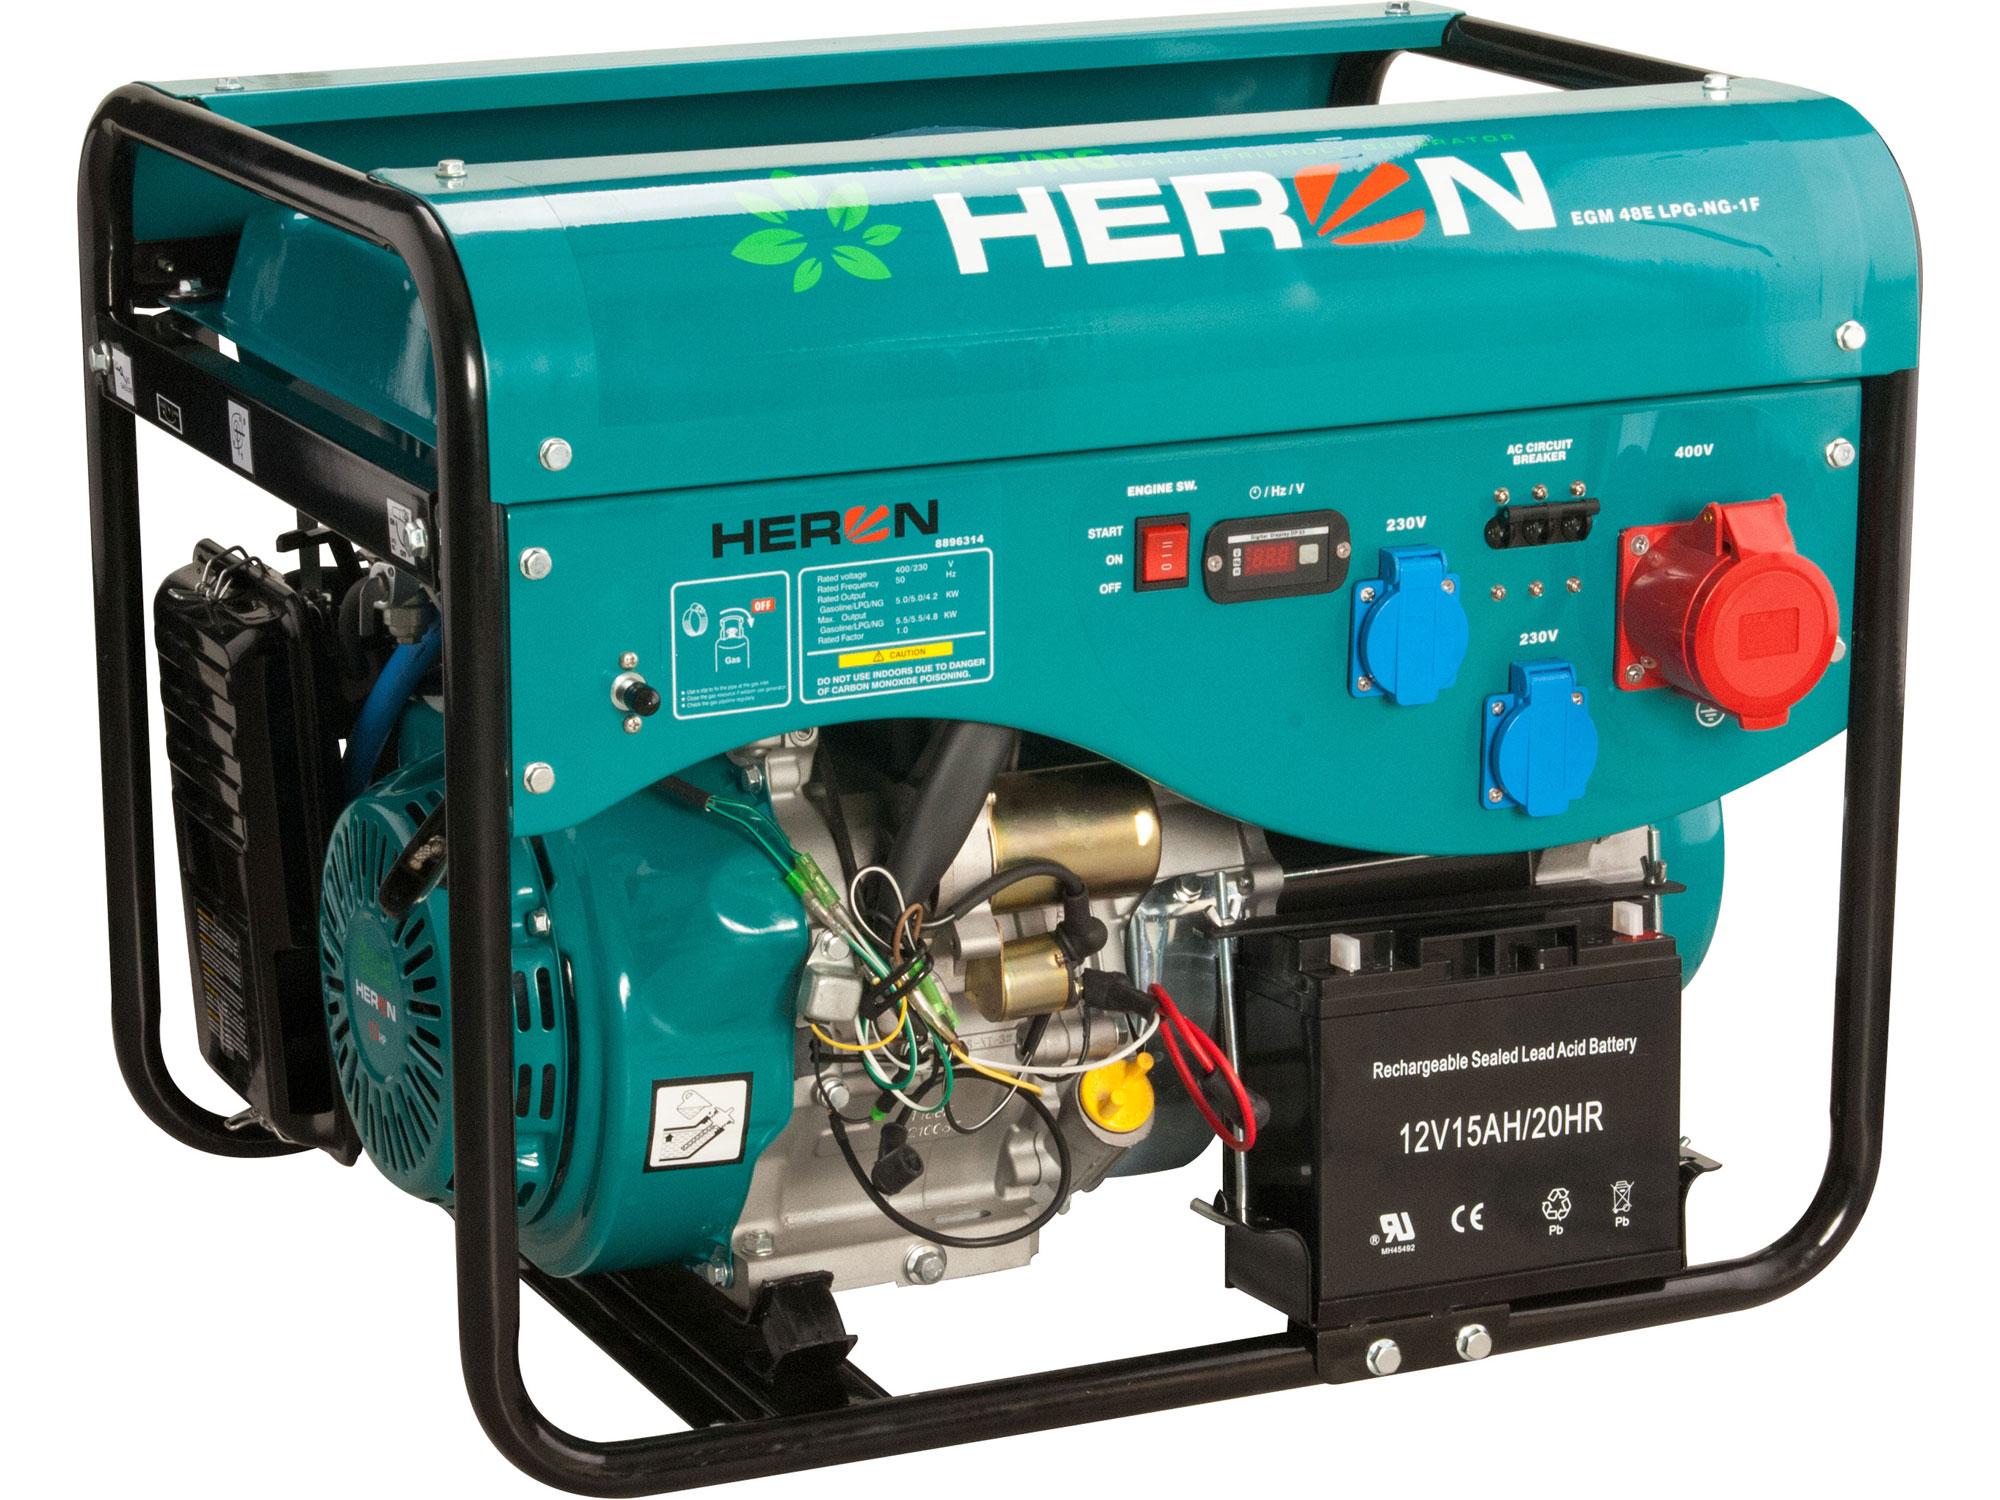 Elektrocentrála benzínová a plynová (LGP/NG) 13HP/5,3kW (400V) 2x2,1kW (230V), elektrický